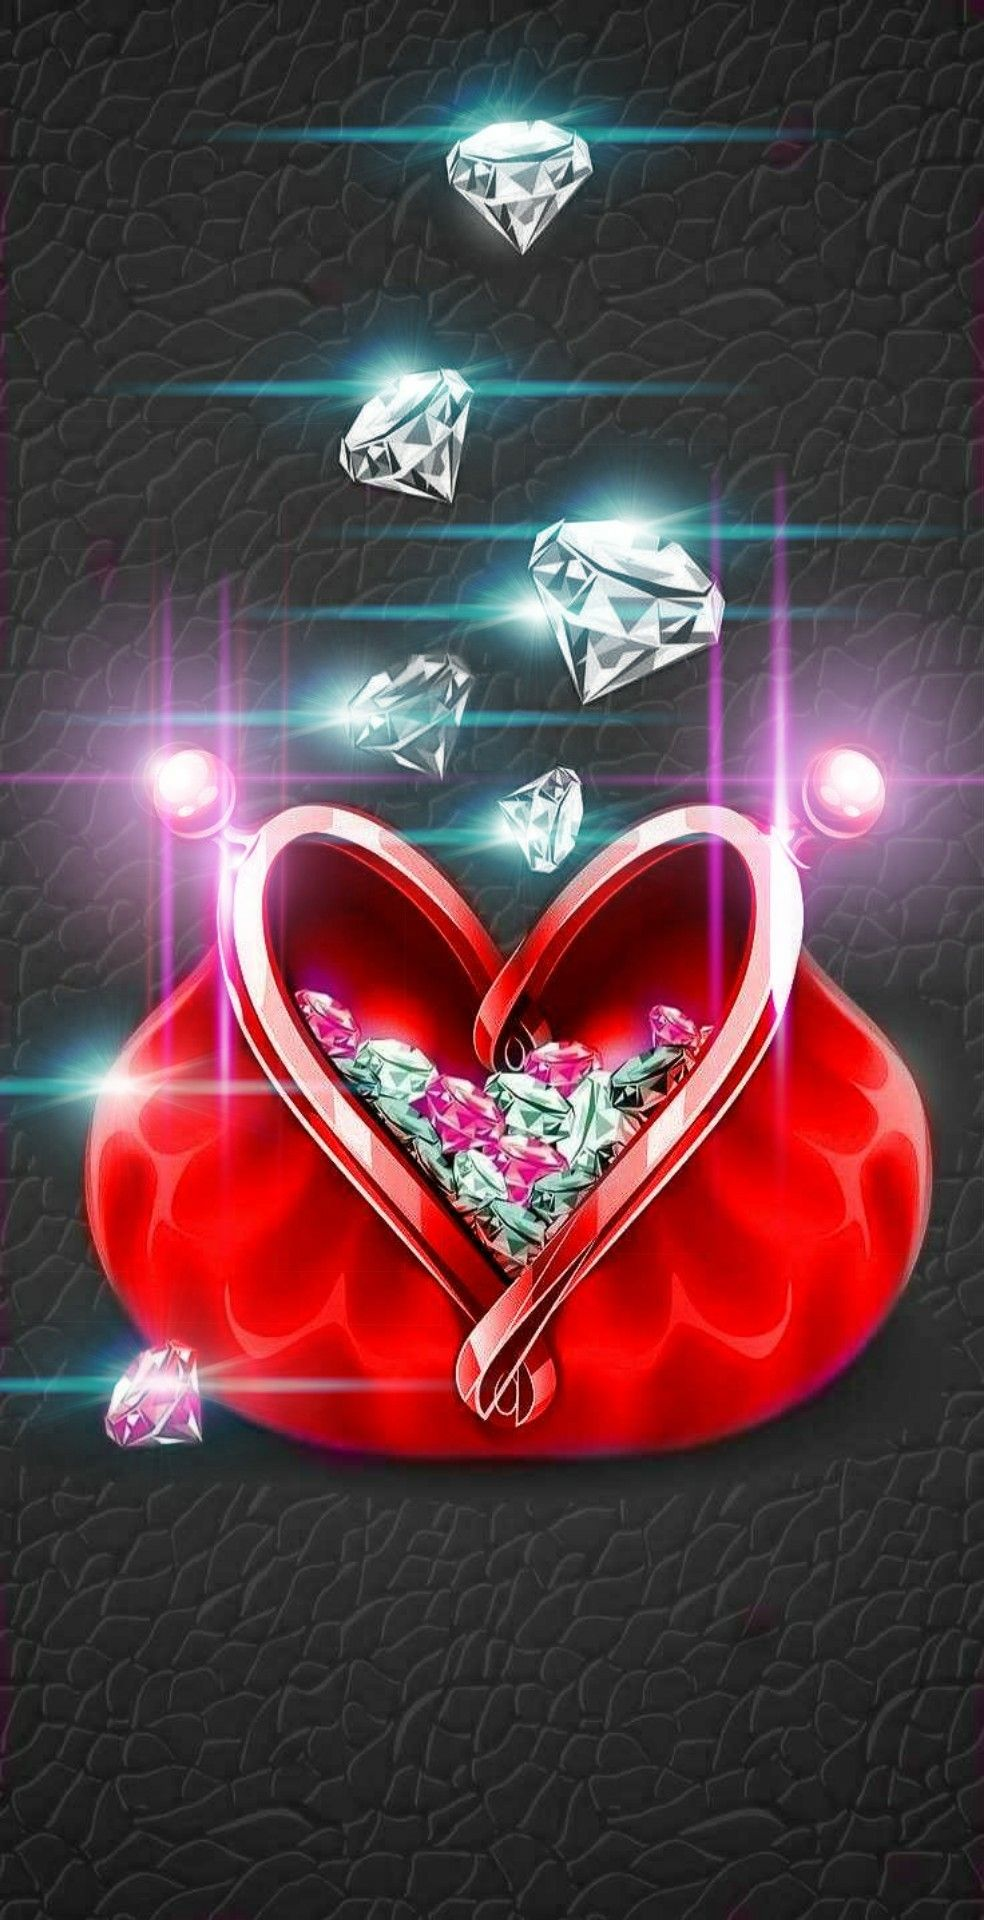 Red Purse Of Gems Black Background Diamond Wallpaper Heart Wallpaper Cellphone Wallpaper